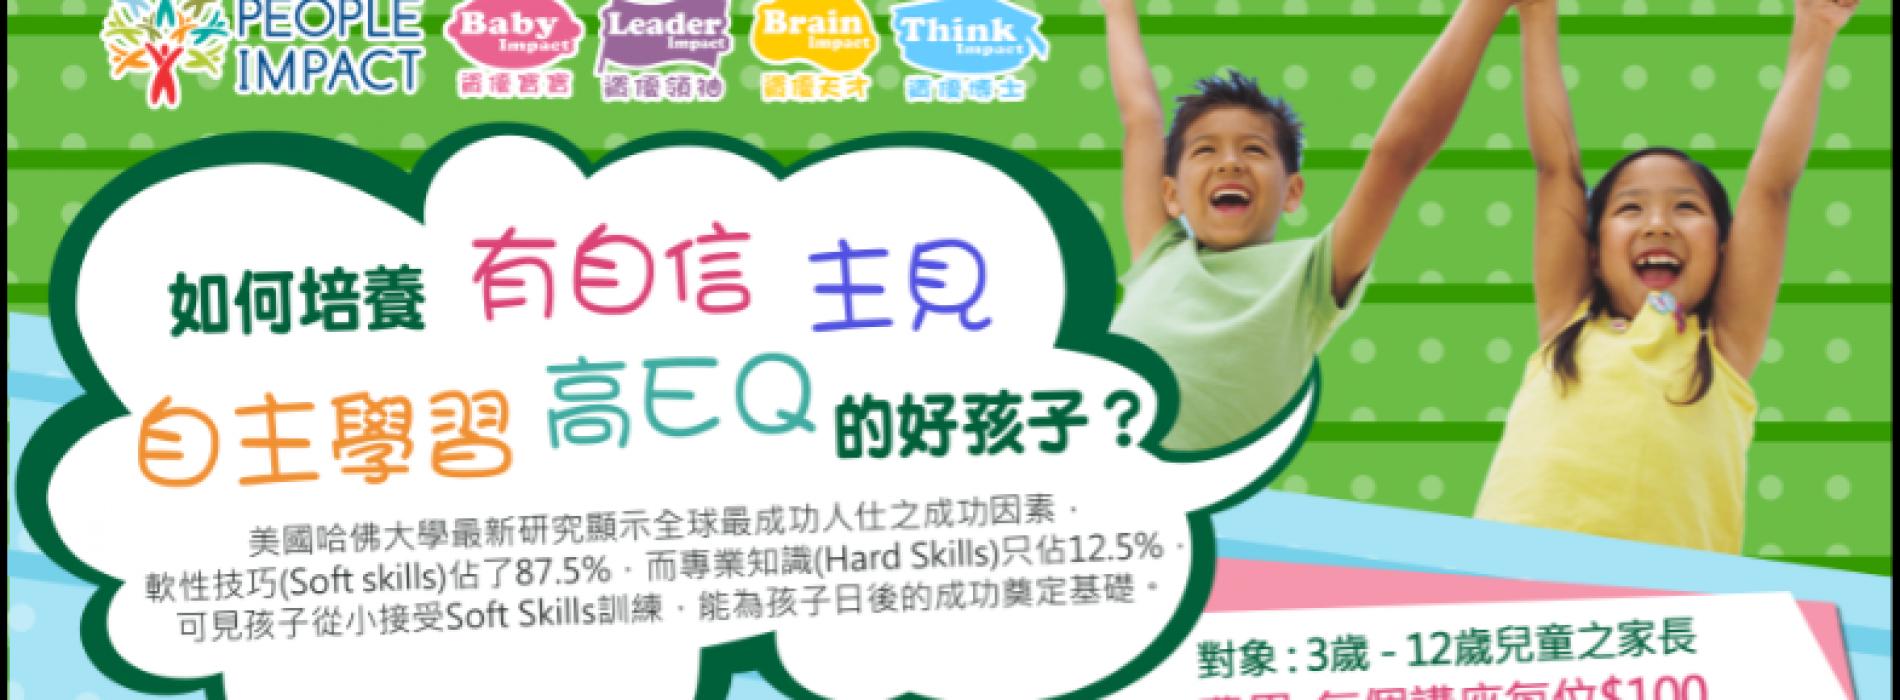 家長講座:「如何培養有自信、主見、自主學習、高EQ的好孩子?」